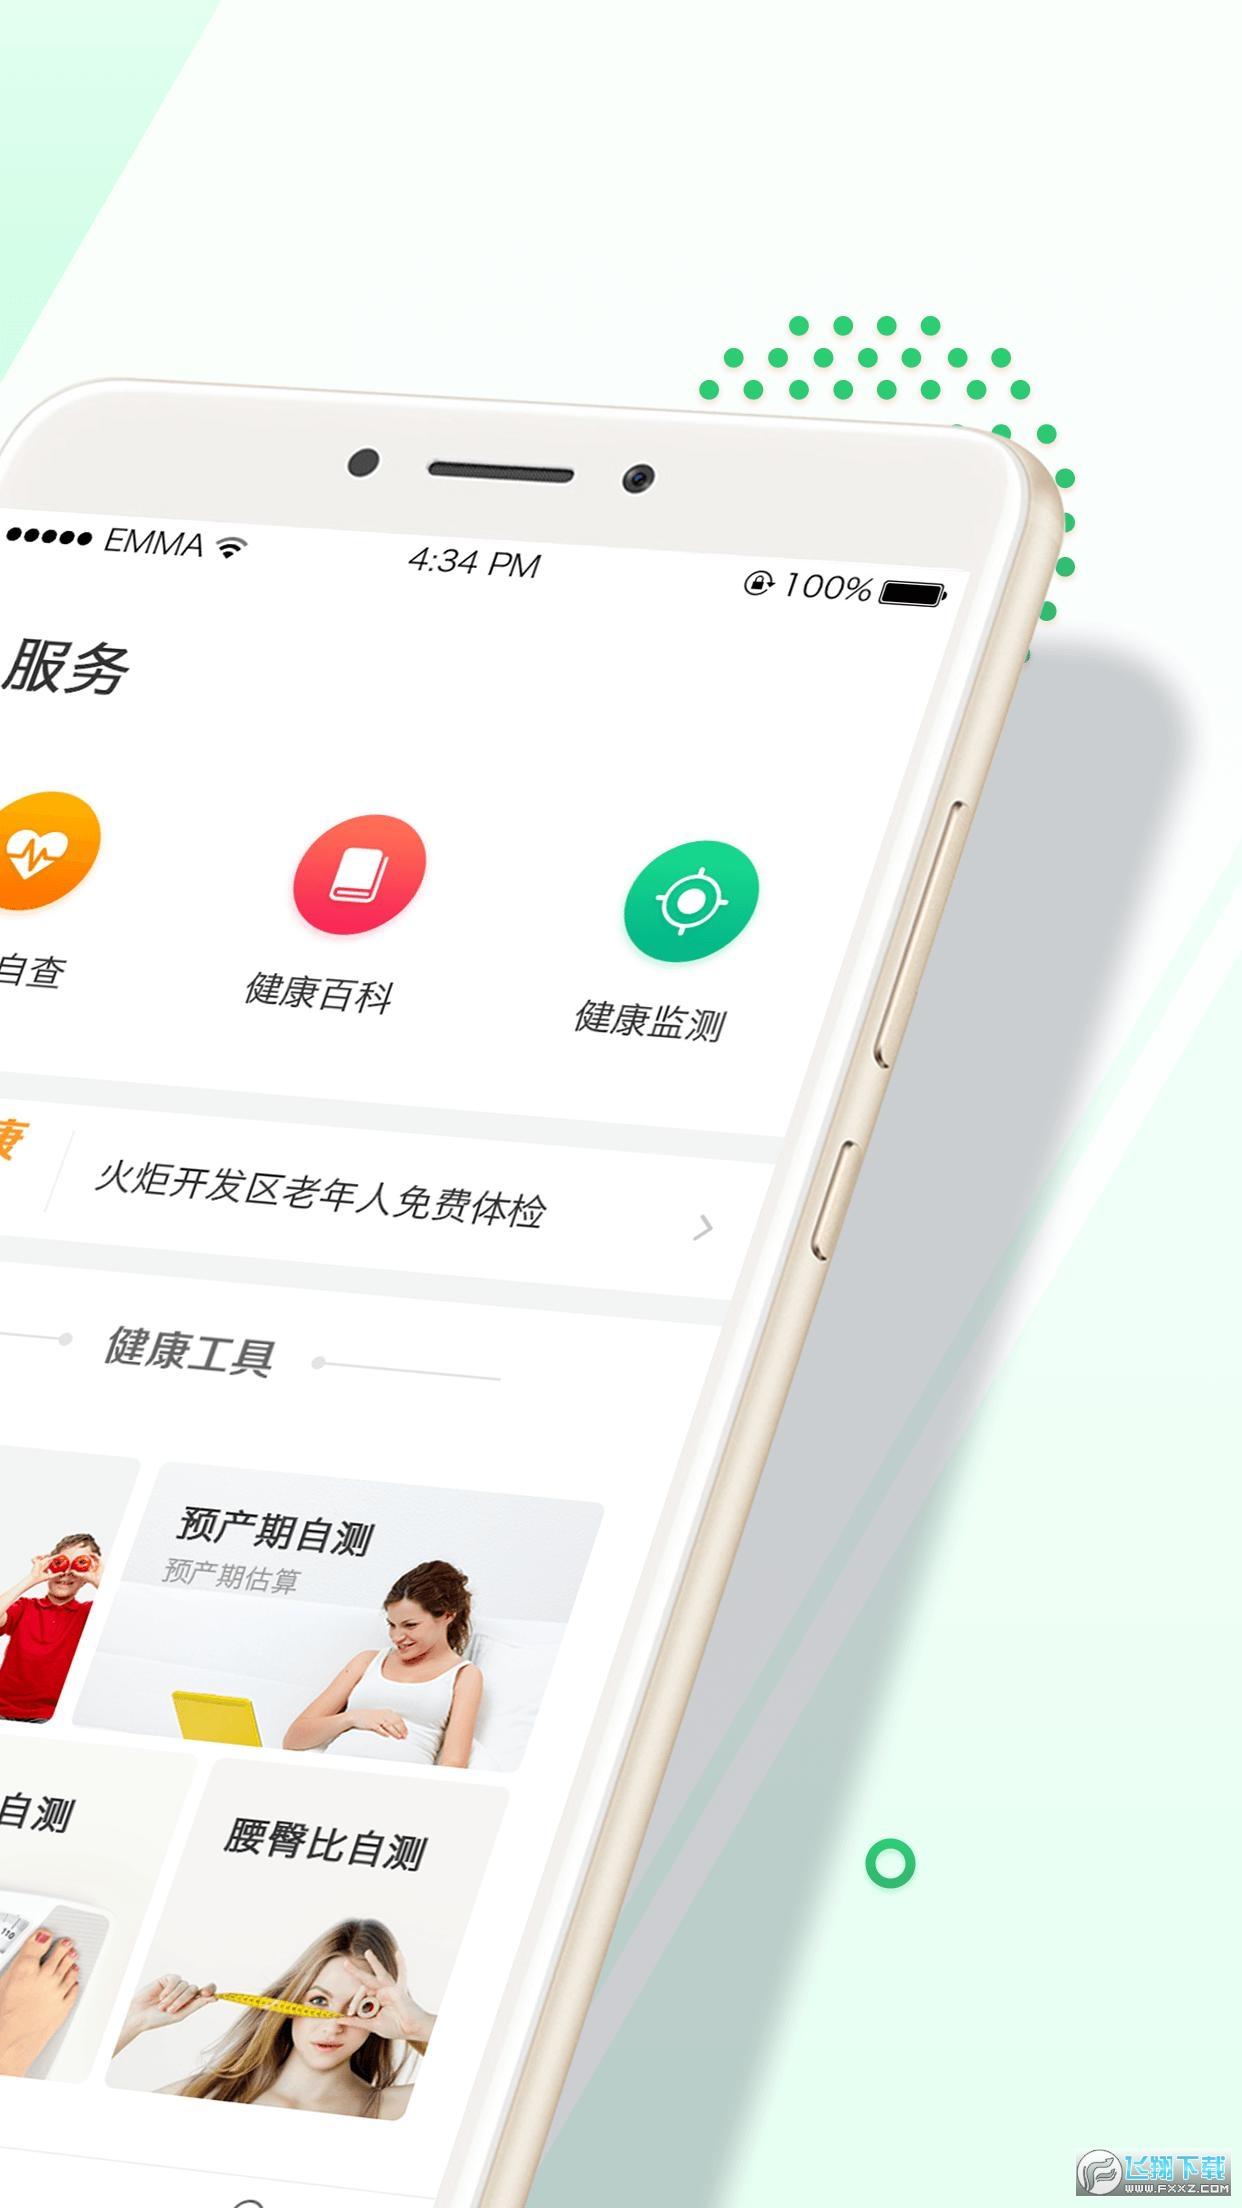 健康珠海新版appv2.37安卓版截图0